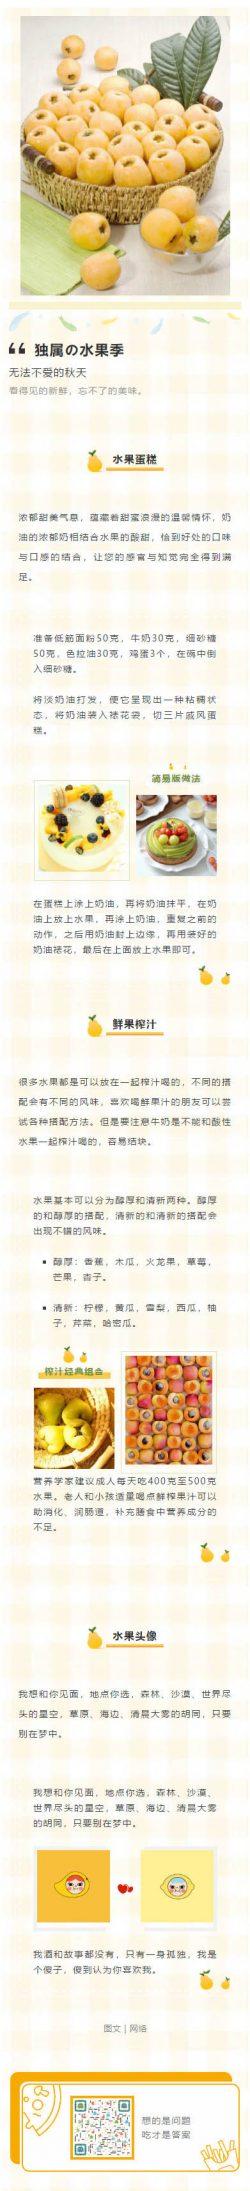 水果美食食谱黄色微信公众号图文模板微信编辑器推文素材